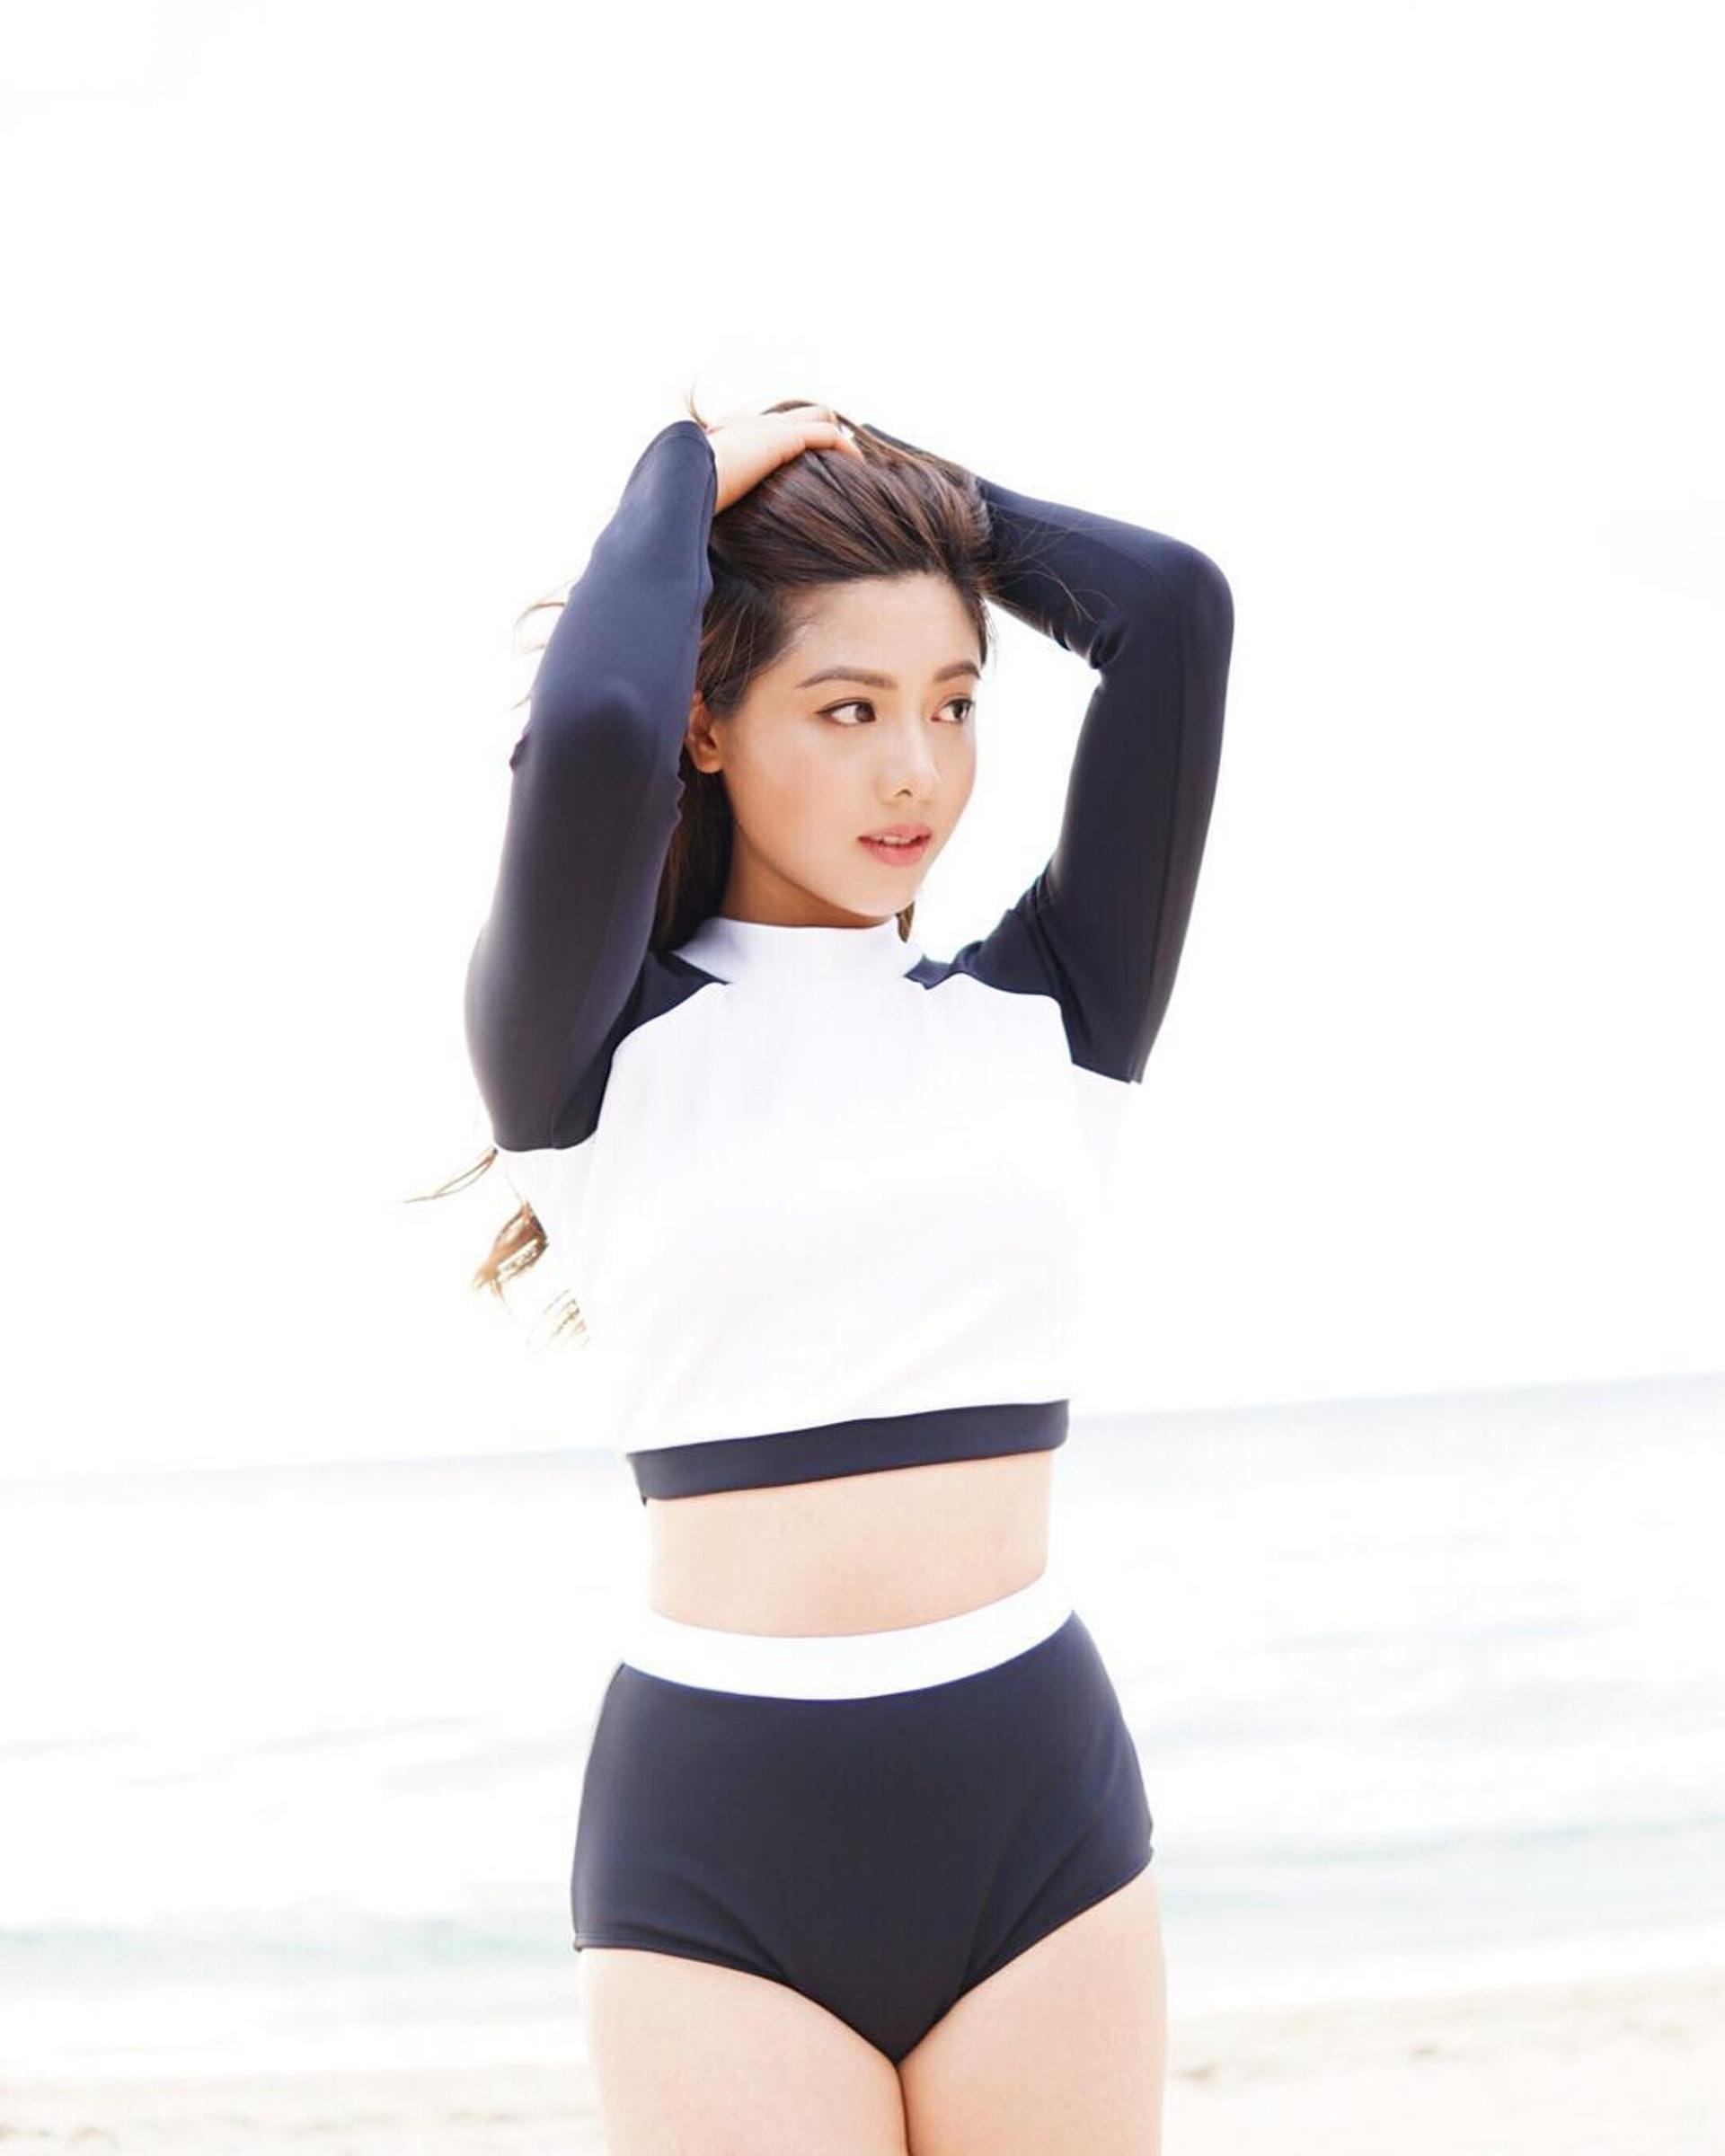 伍樂怡表示,這件防曬滑水衣設計特別顯瘦。